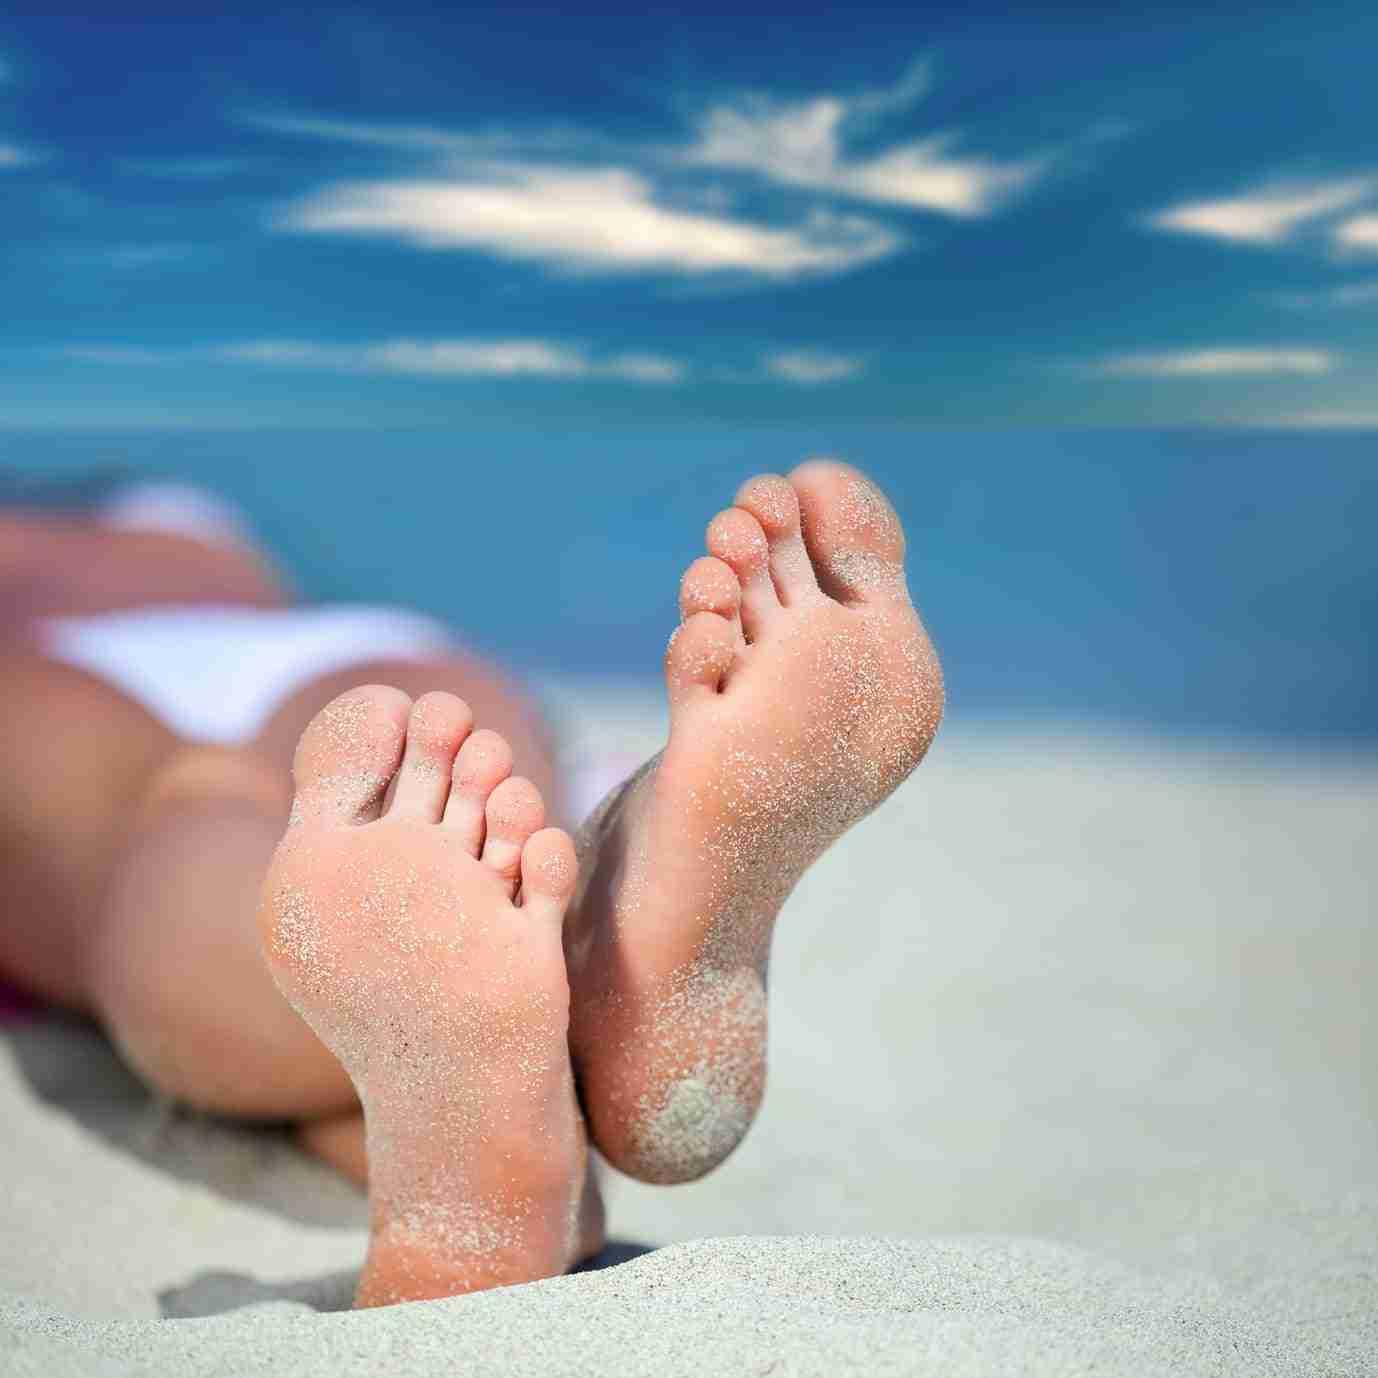 La mayoría de los españoles engordan durante el verano 34